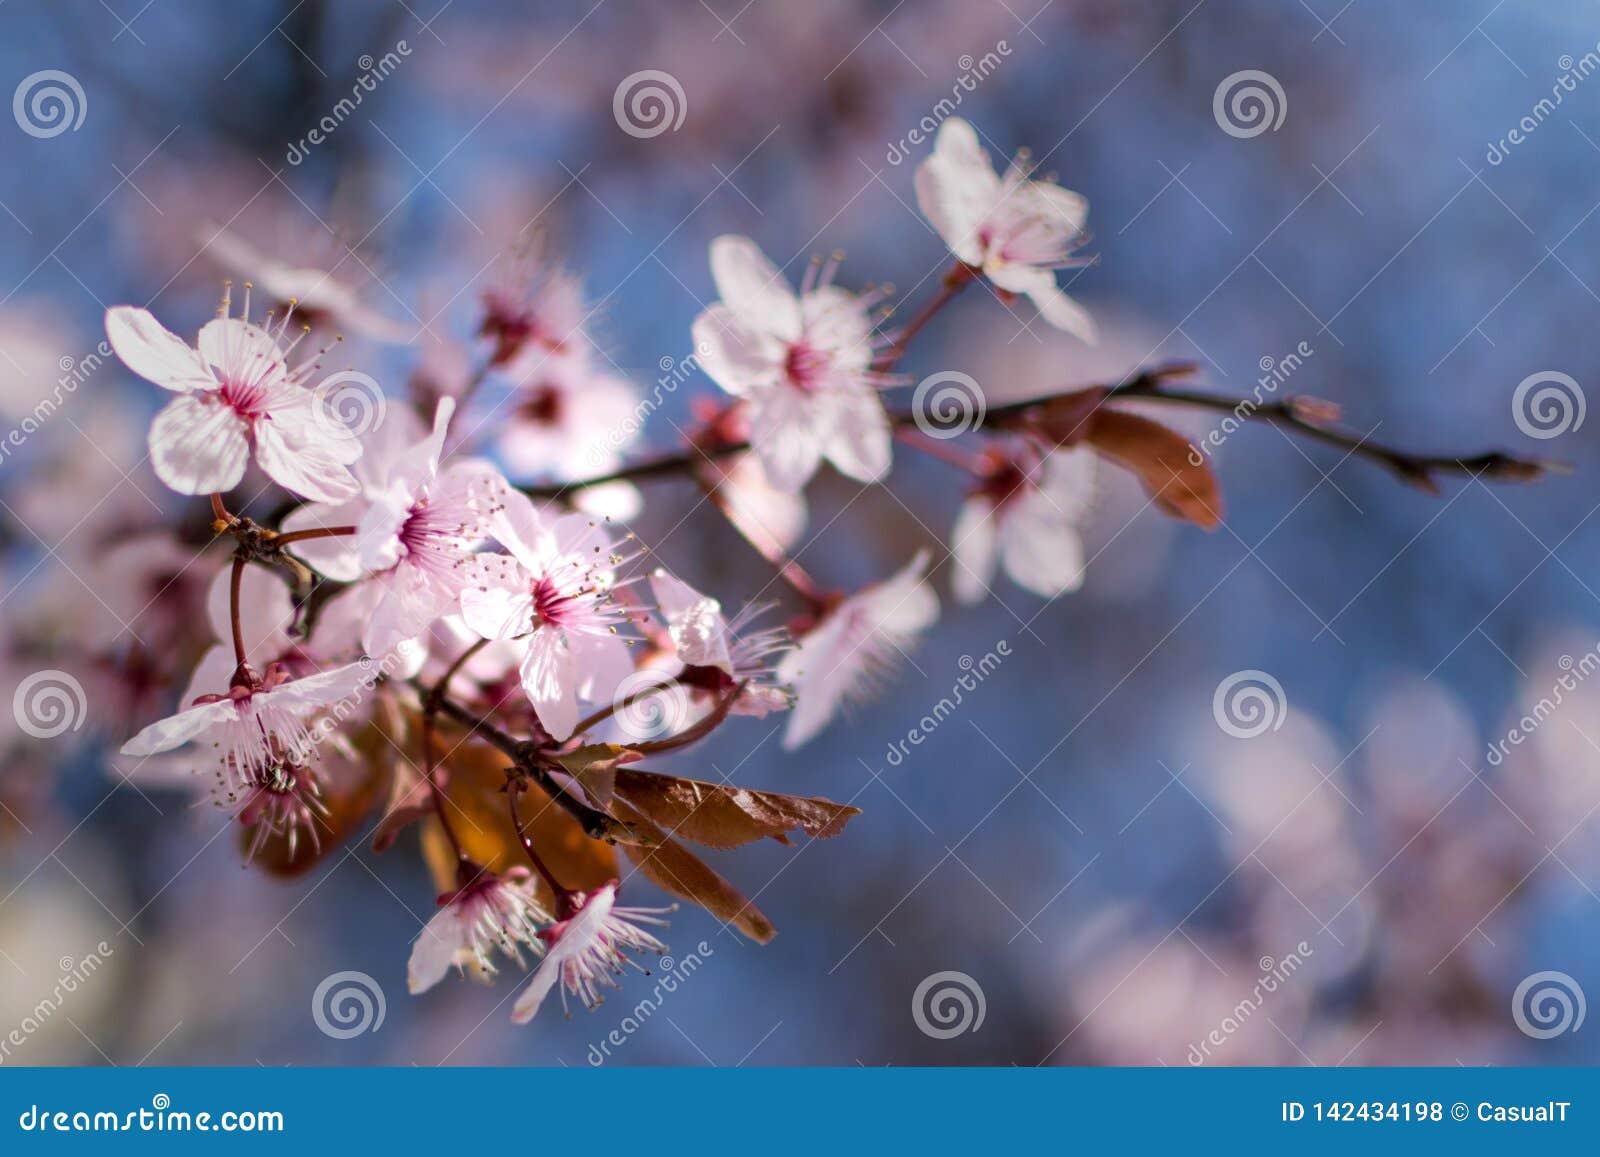 Flores de cerezo japonesas contra un fondo azul claro del bokeh, primer